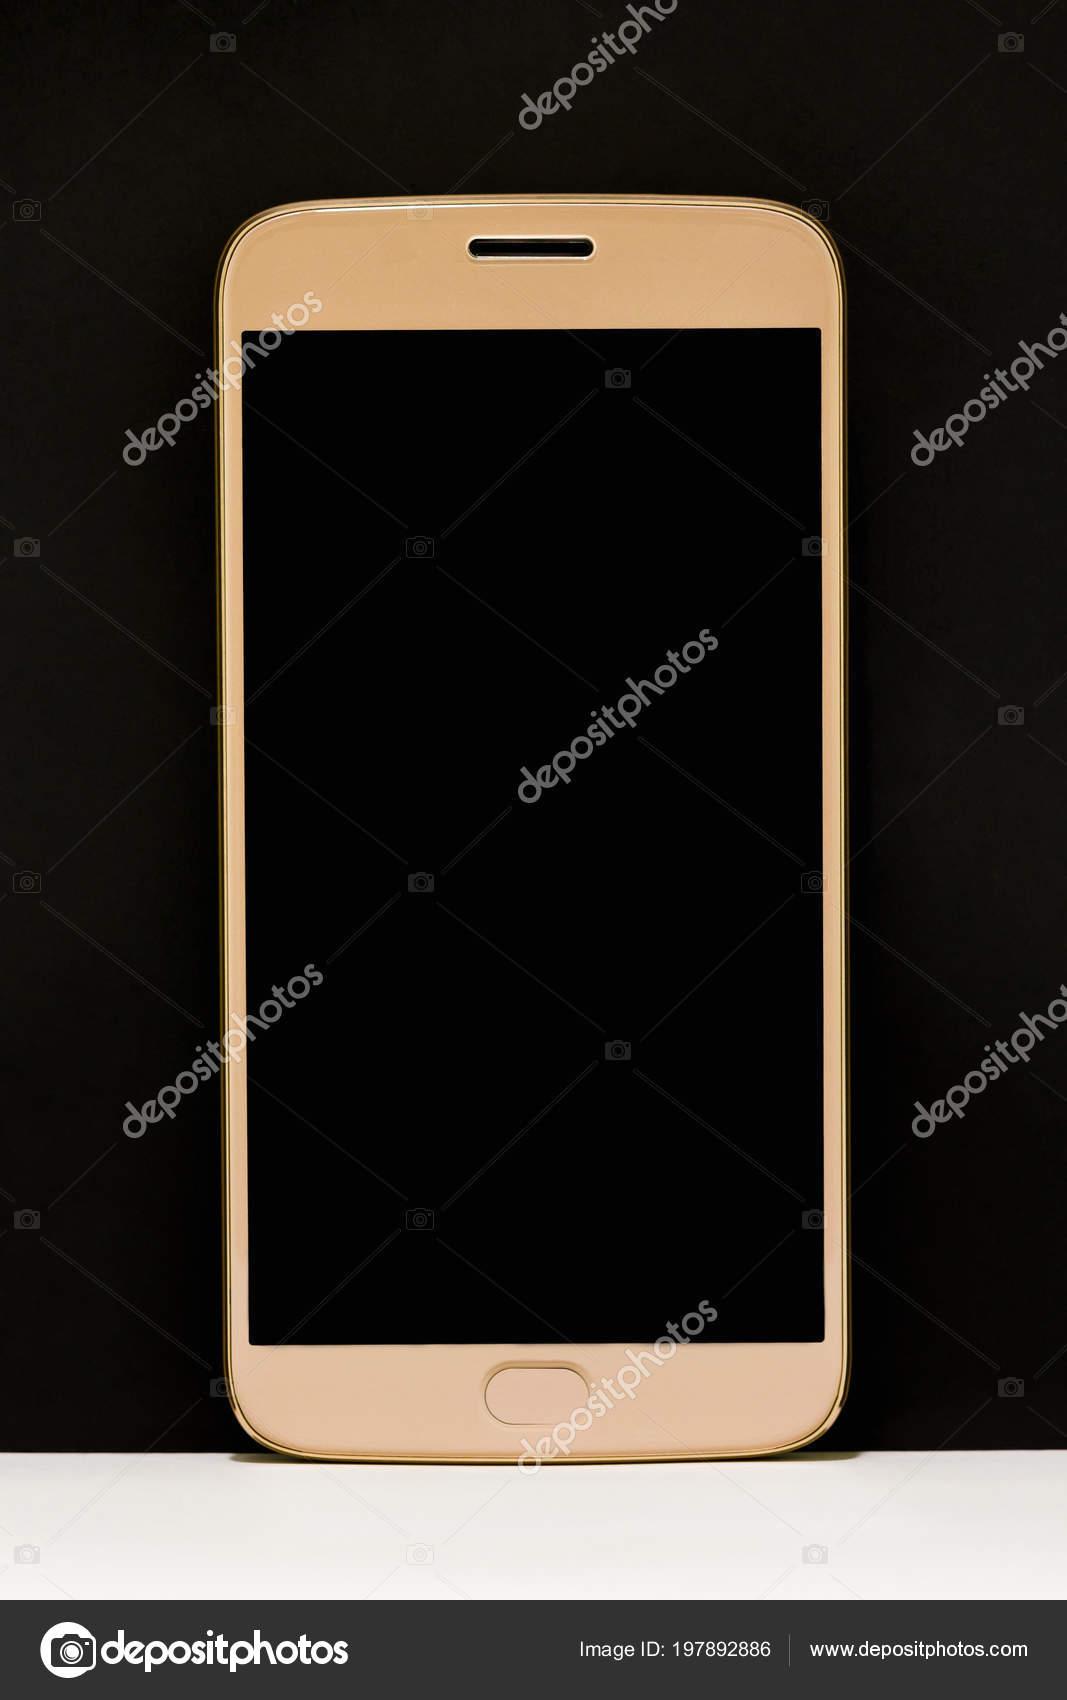 9c221eecb6237 Румянец Смартфон Золотого Цвета Белый Пол Черным Фоном Бангкок ...